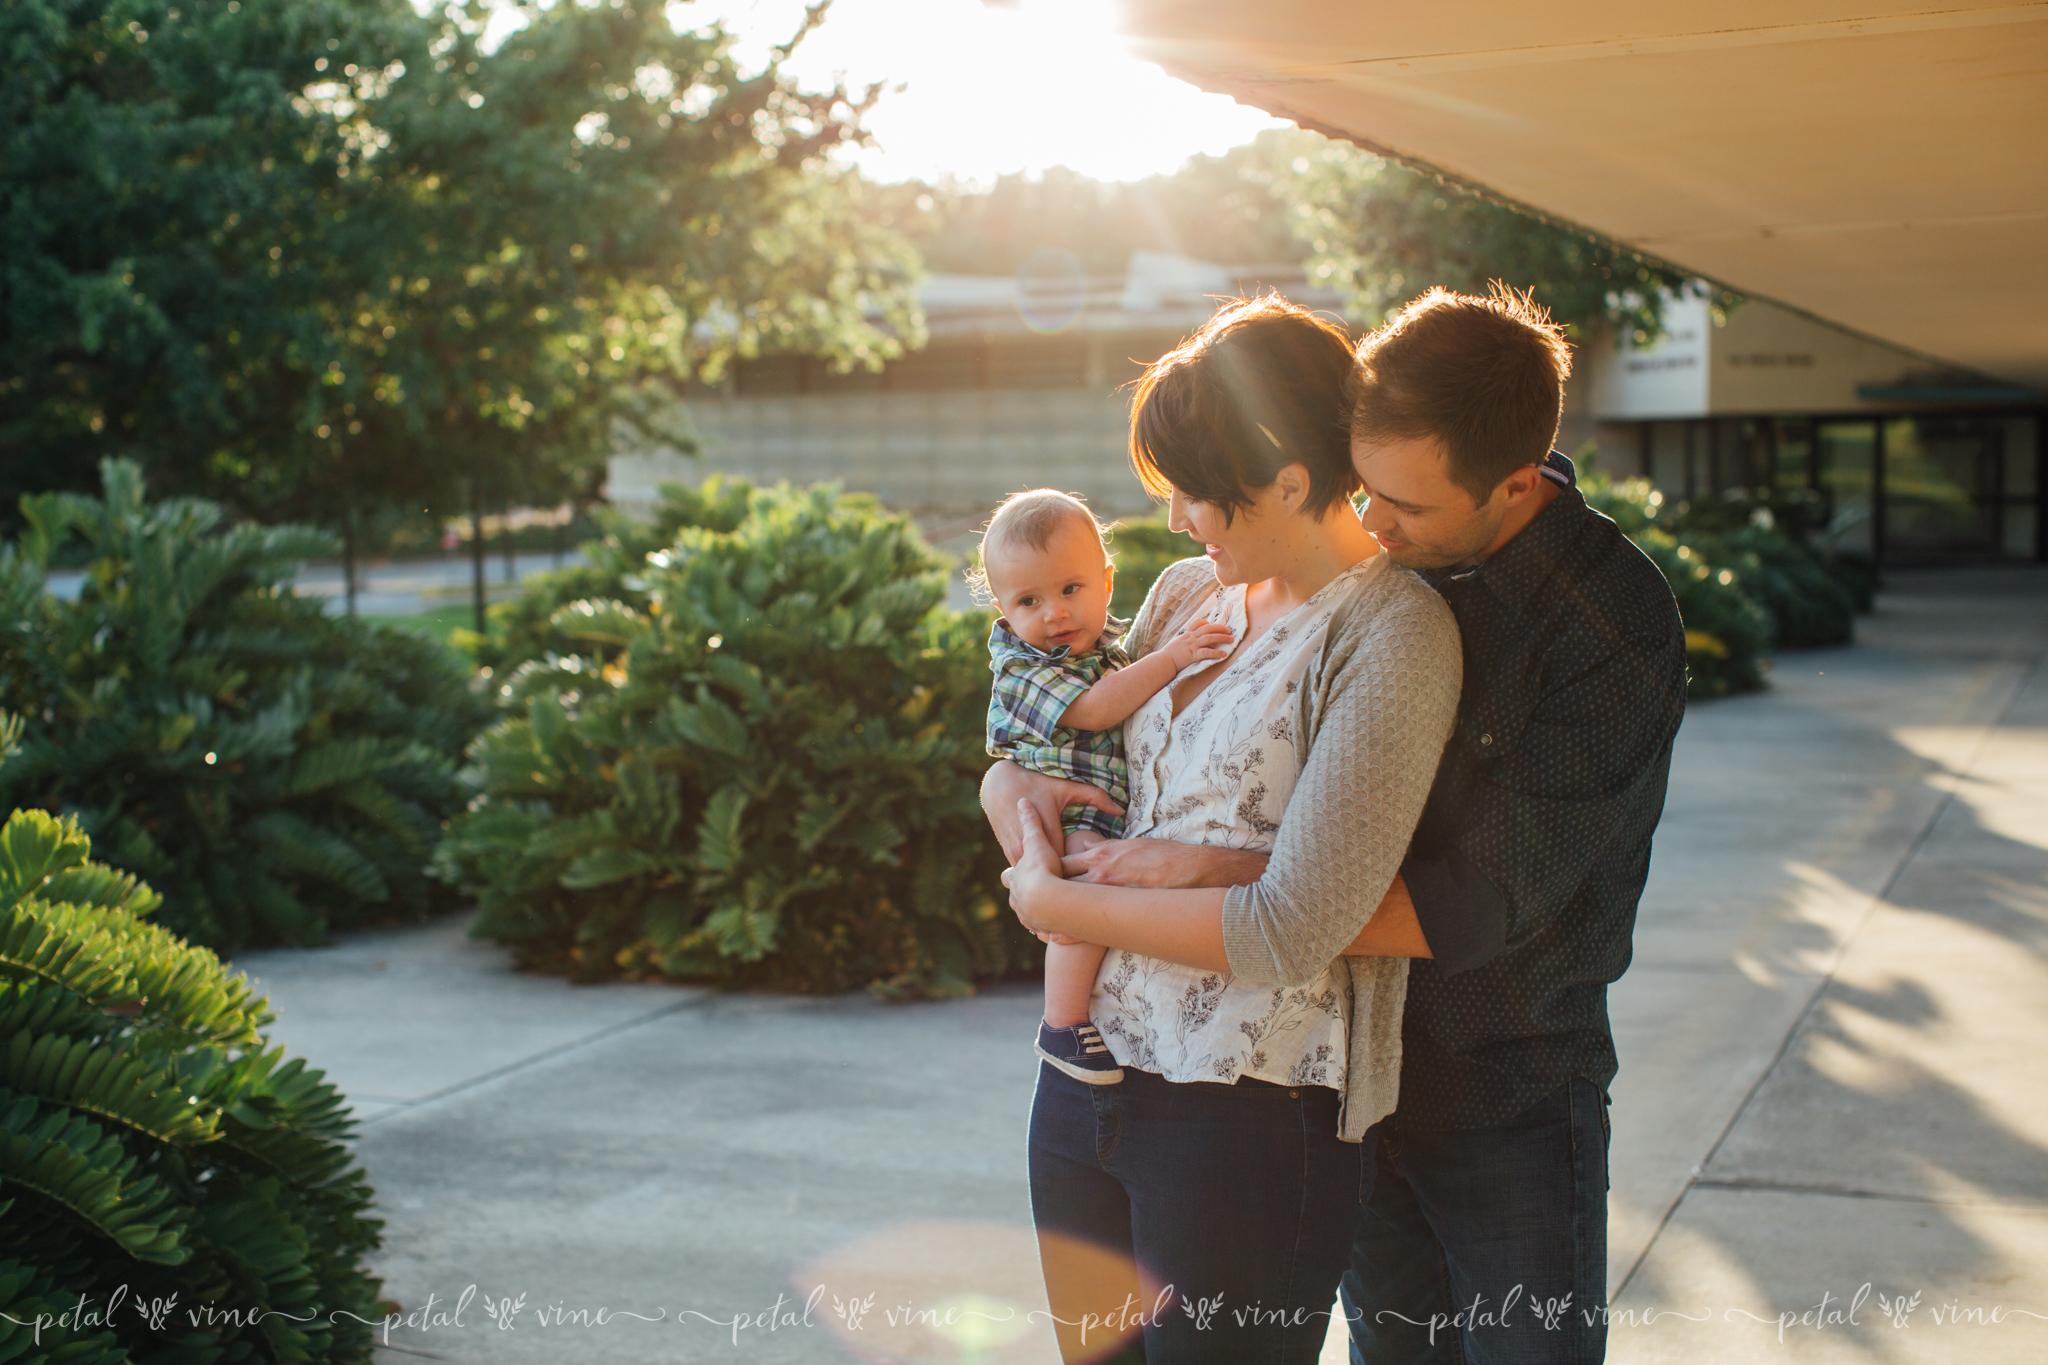 Lakeland Family Photography